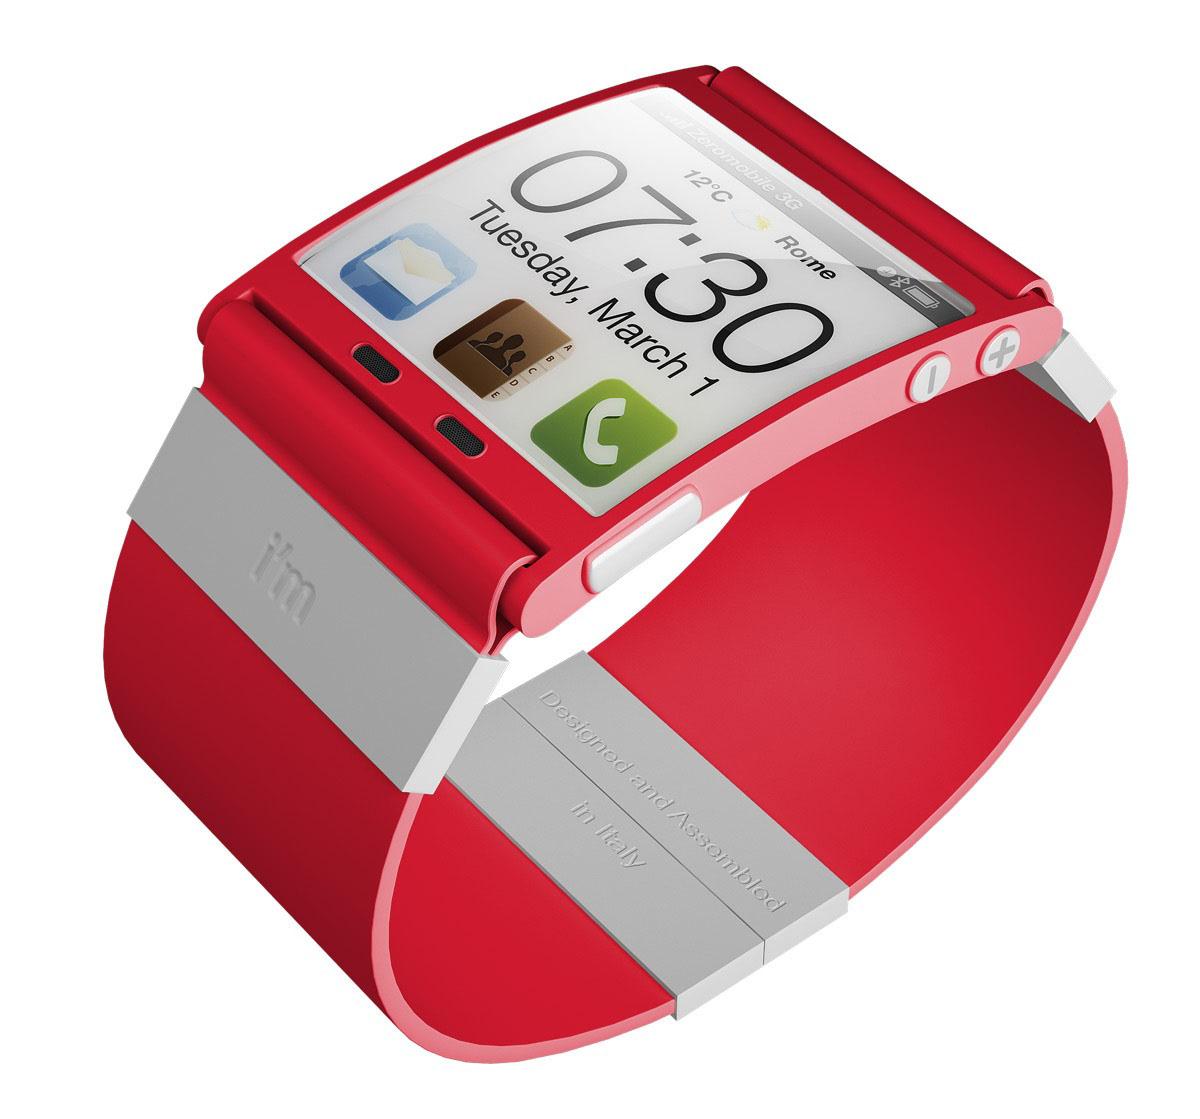 Wikimexico tiempos modernos el reloj inteligente - Relojes de cocina modernos ...